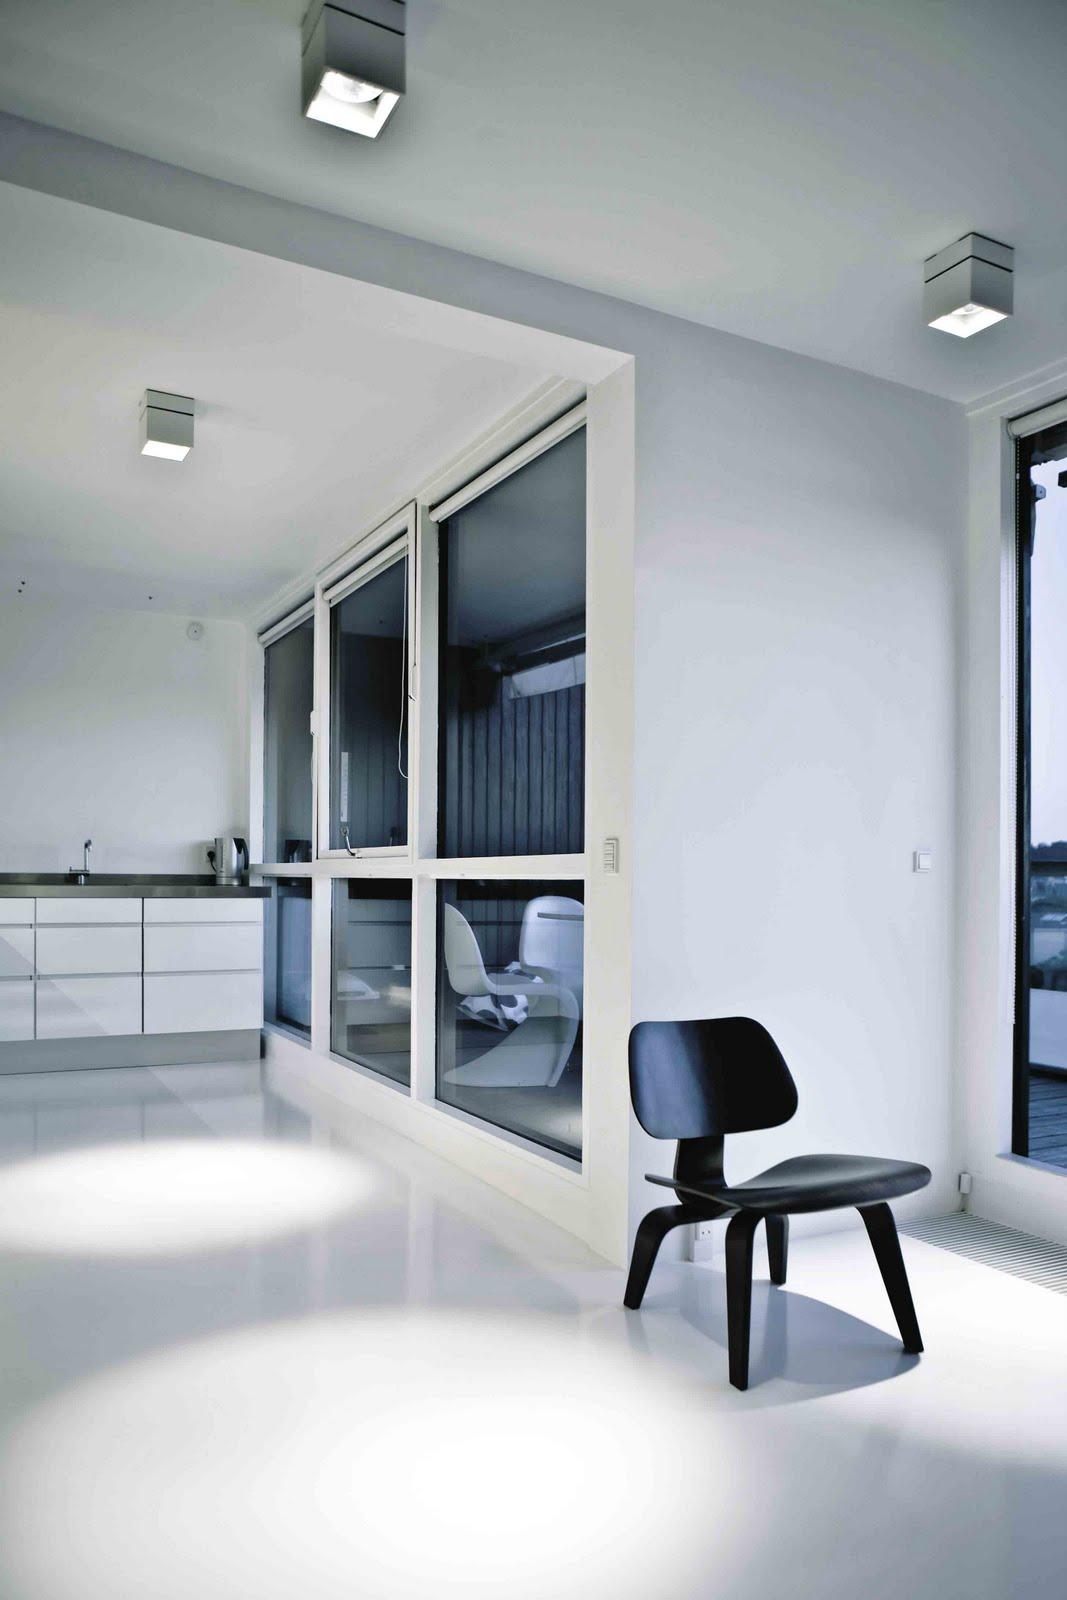 Interiores minimalistas apartamento en blanco y negro de for Apartamentos minimalistas